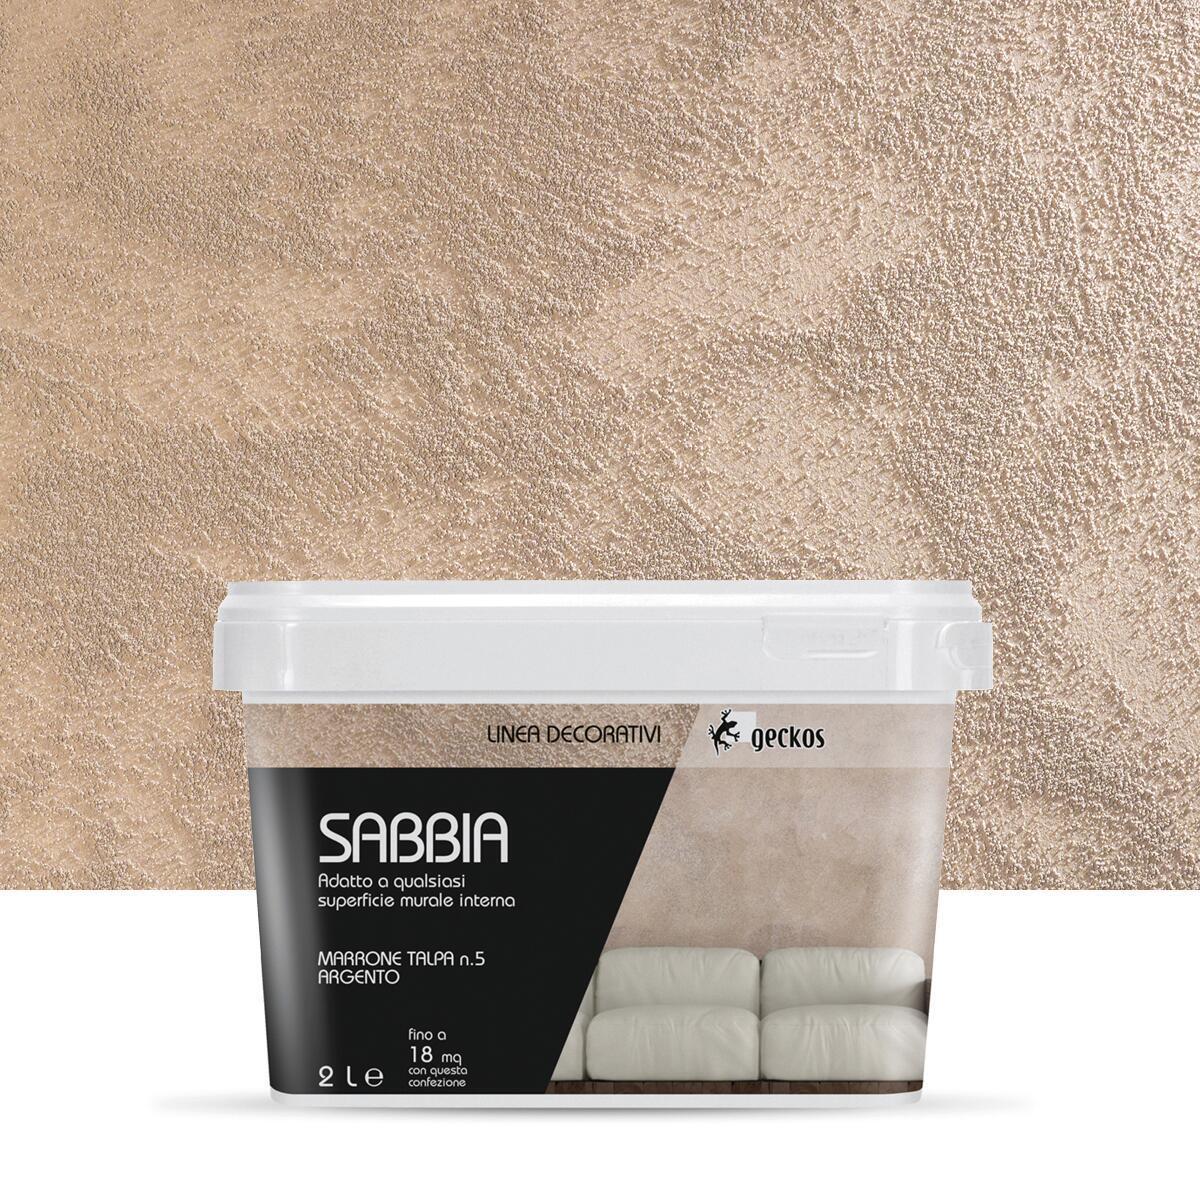 Pittura decorativa effetto sabbiato marrone talpa 5 2 l GECKOS - 12